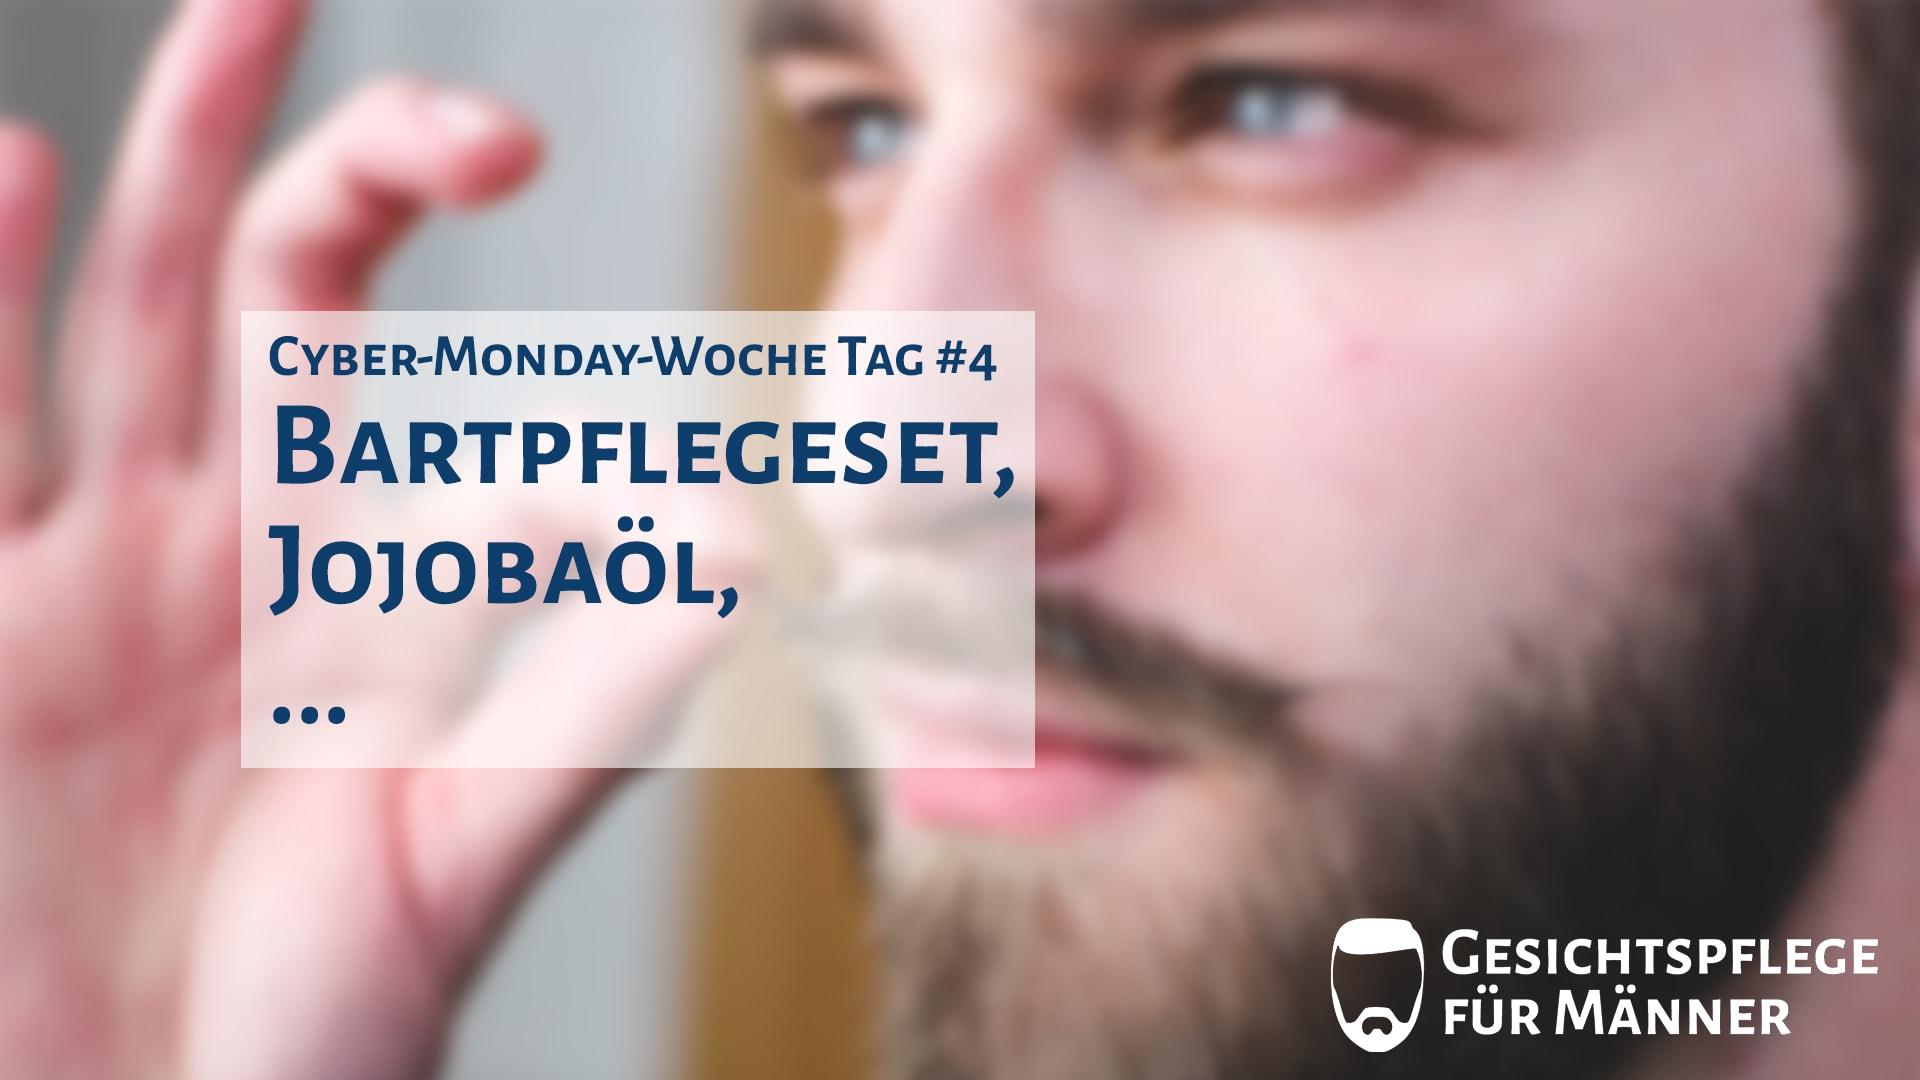 Titelbild: Tagesangebot Tag #4 bei der Cyber-Monday-Week auf Amazon für deine Gesichtspflege